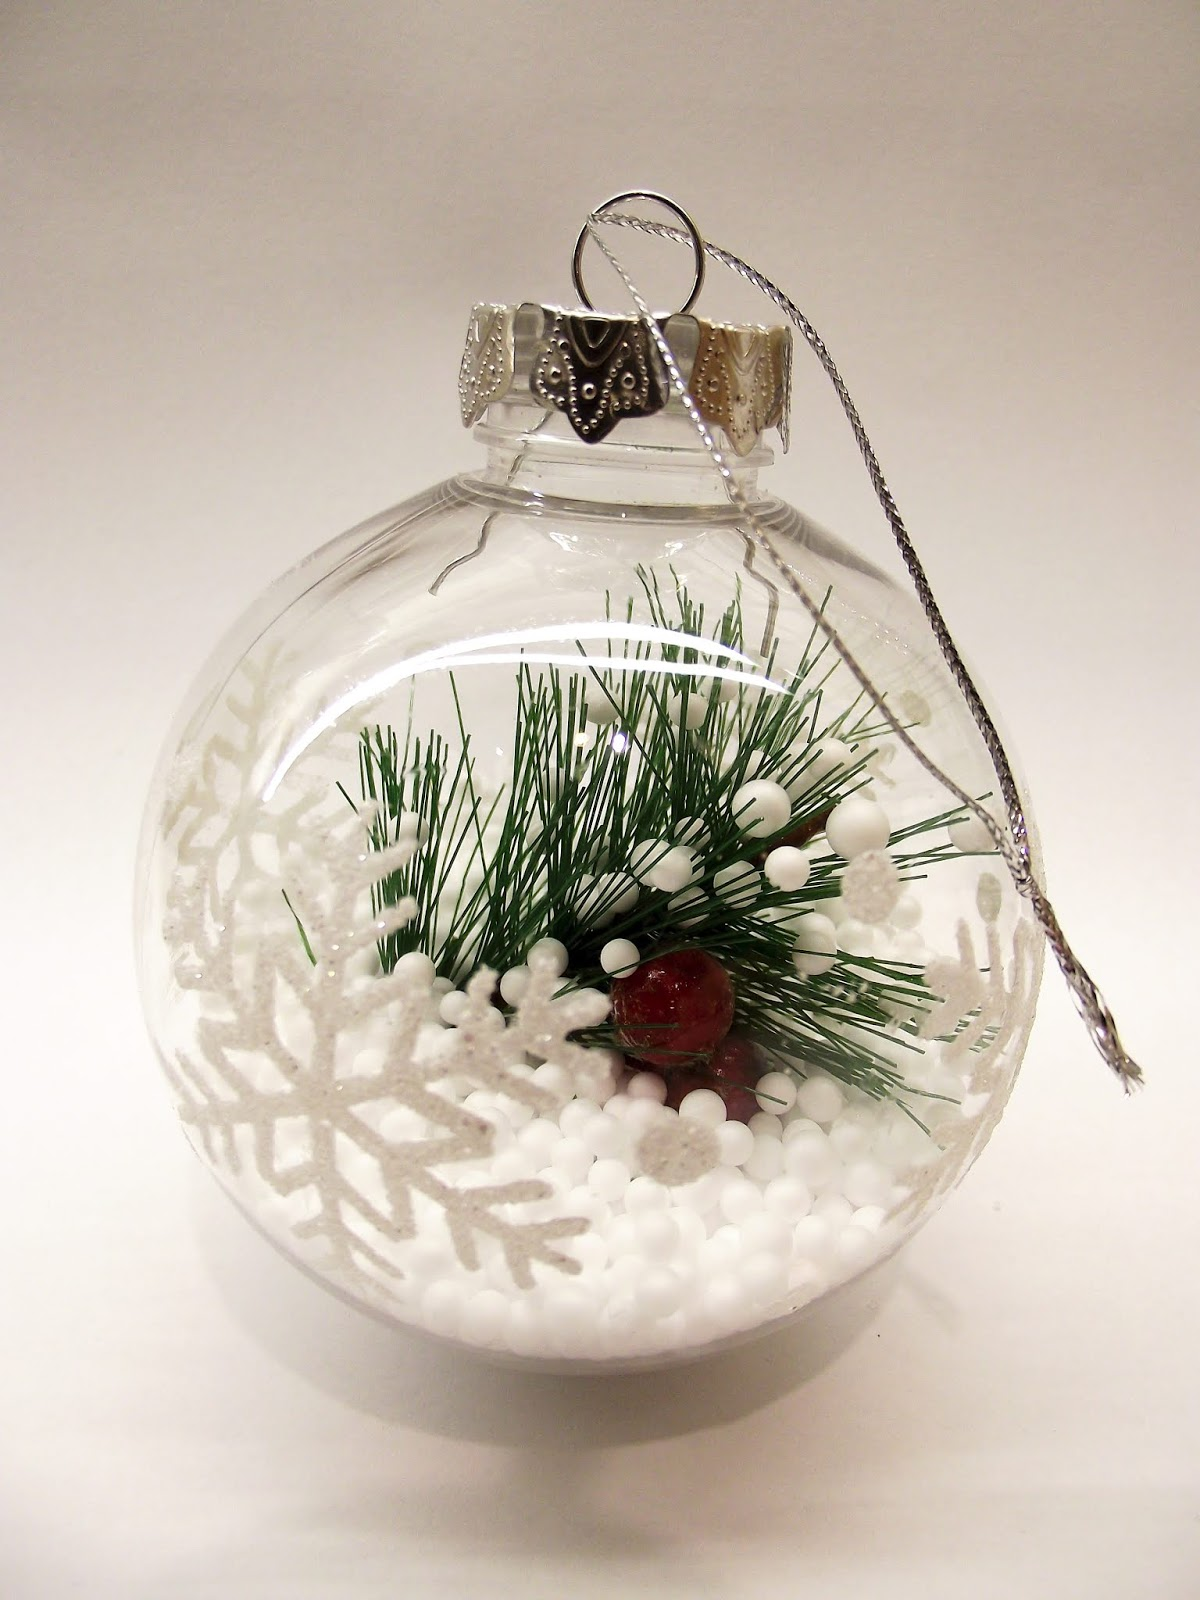 bola de nieve transparente decorada por navidad